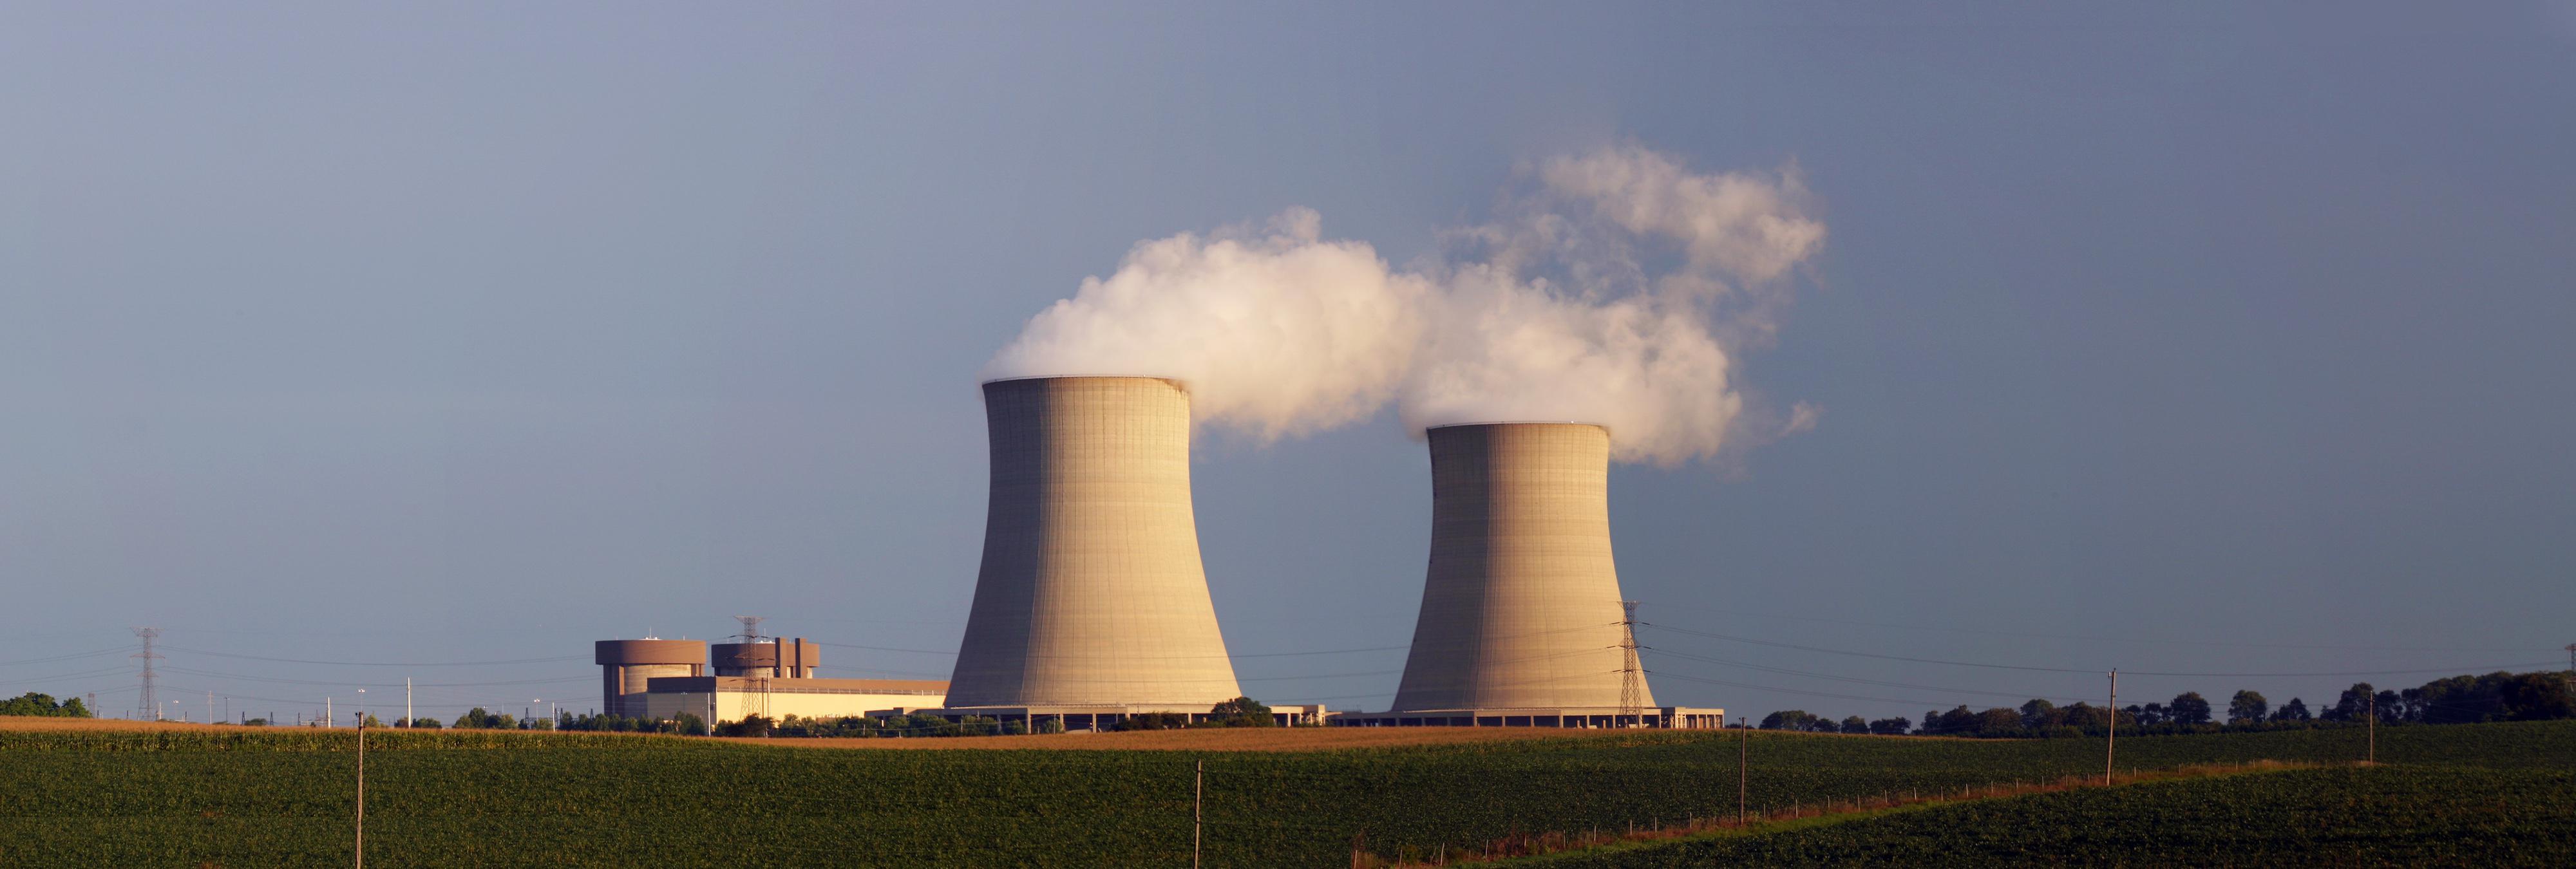 La revolución verde de Alemania: adiós a las centrales nucleares